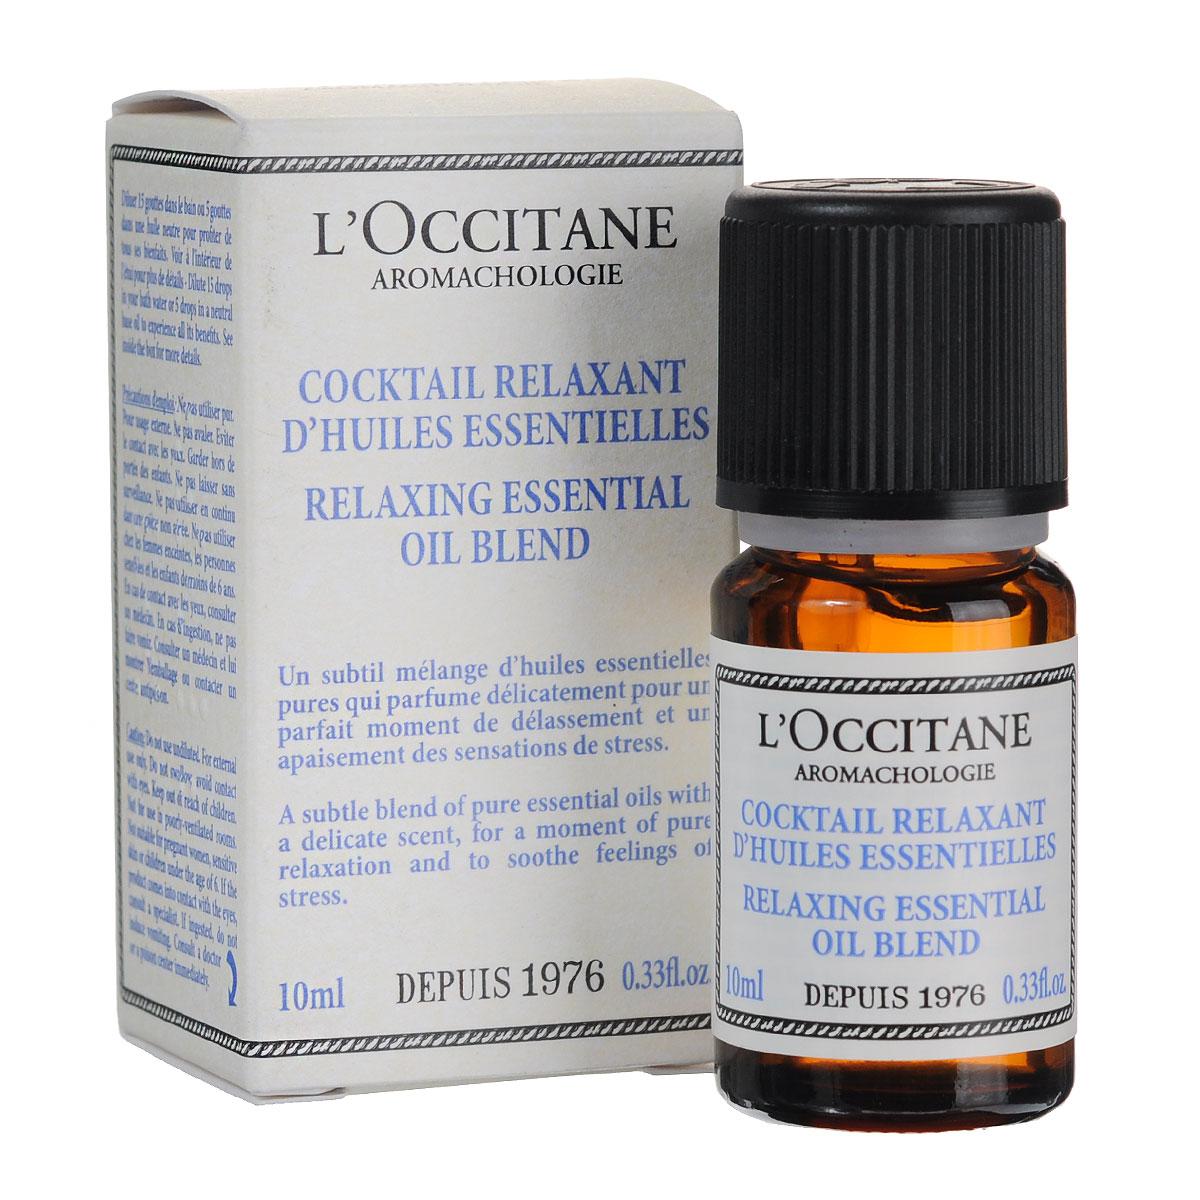 LOccitane Эфирное масло Аромакология, расслабляющее, 10 мл307038Расслабляющая смесь чистых эфирных масел помогает снять напряжение и избавиться от стресса. Товар сертифицирован.